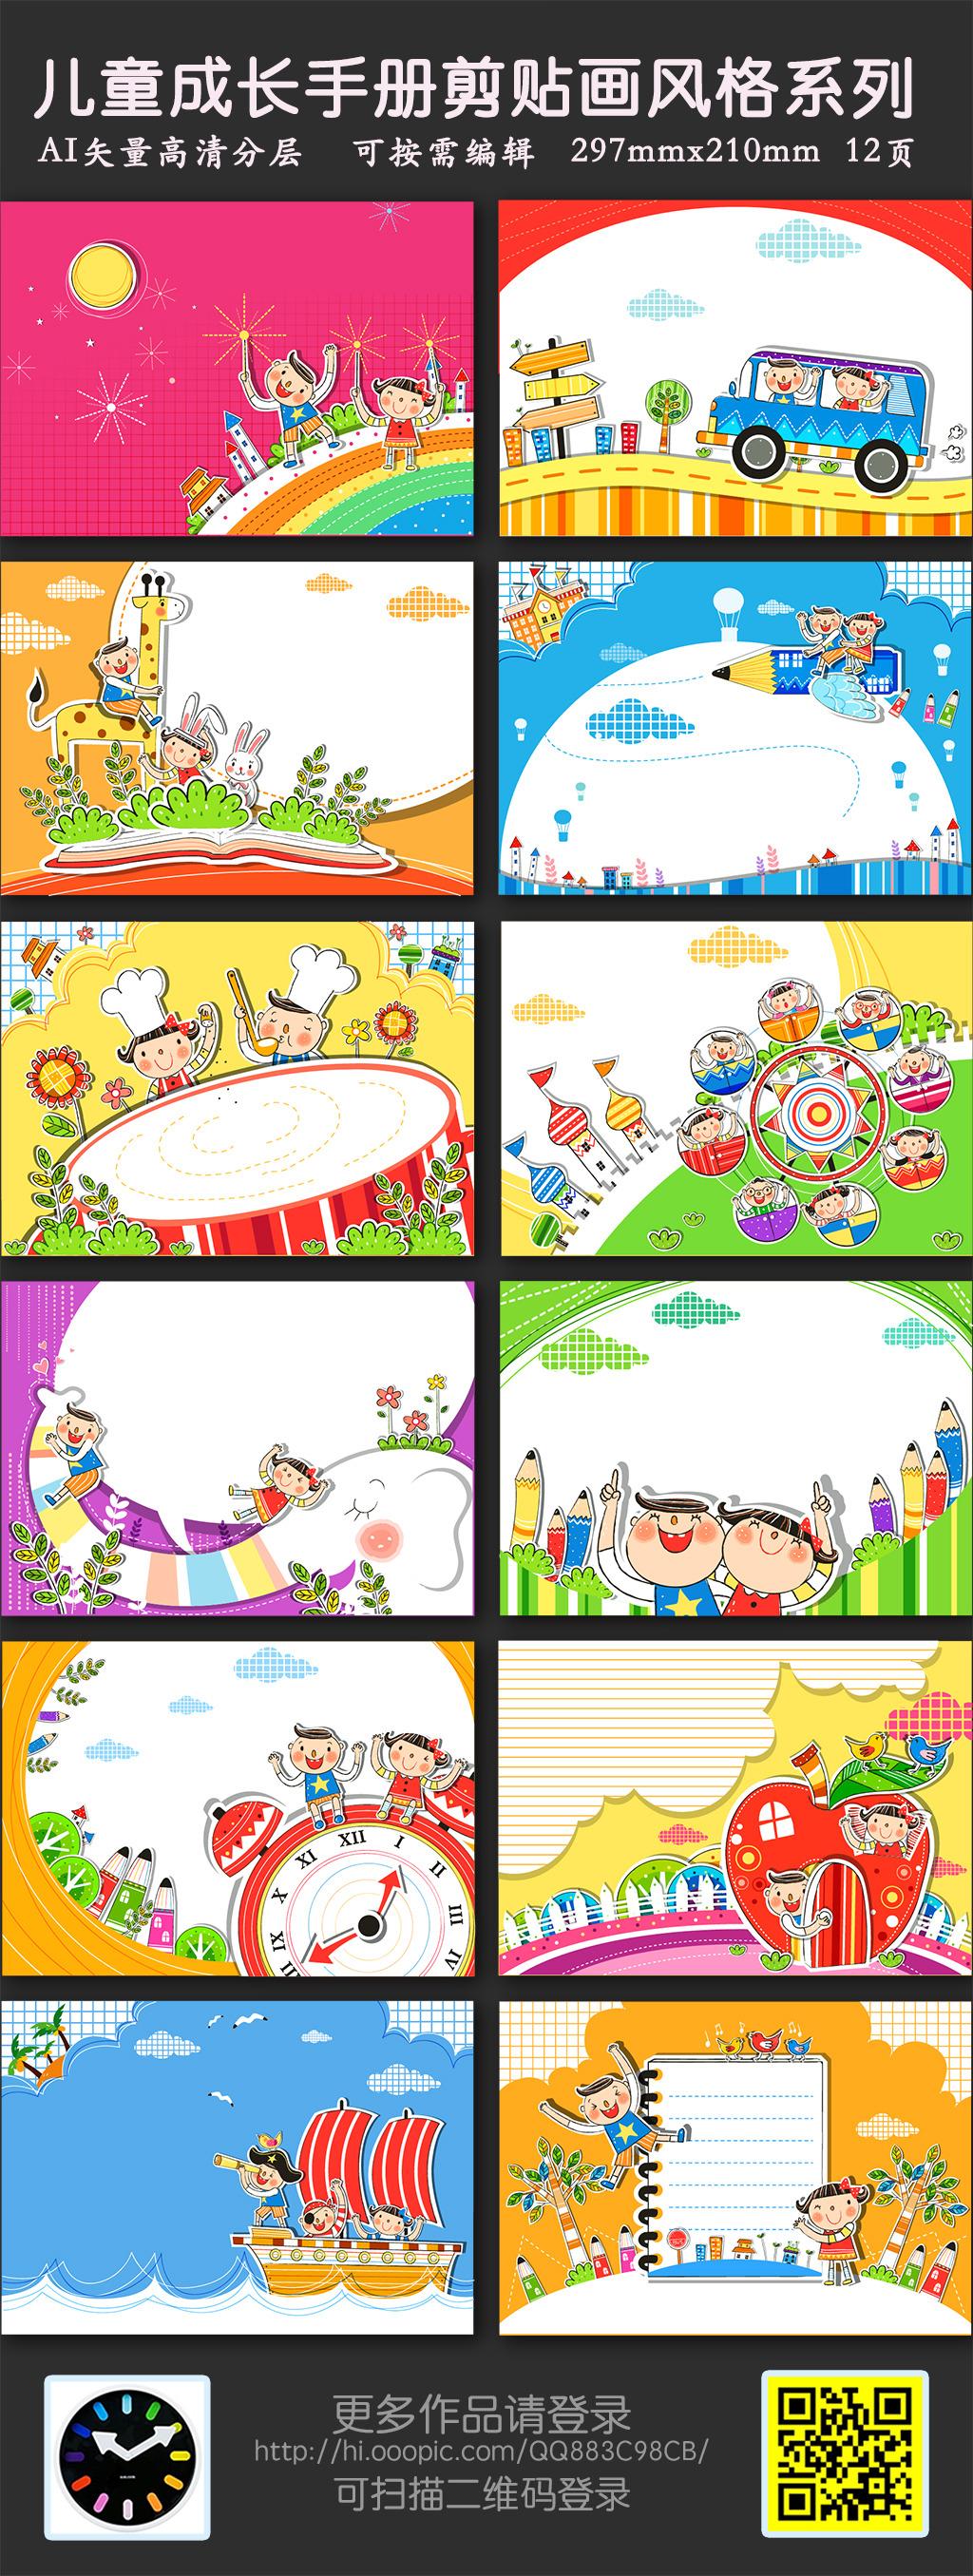 儿童成长手册高清矢量剪贴画风格模版系列1